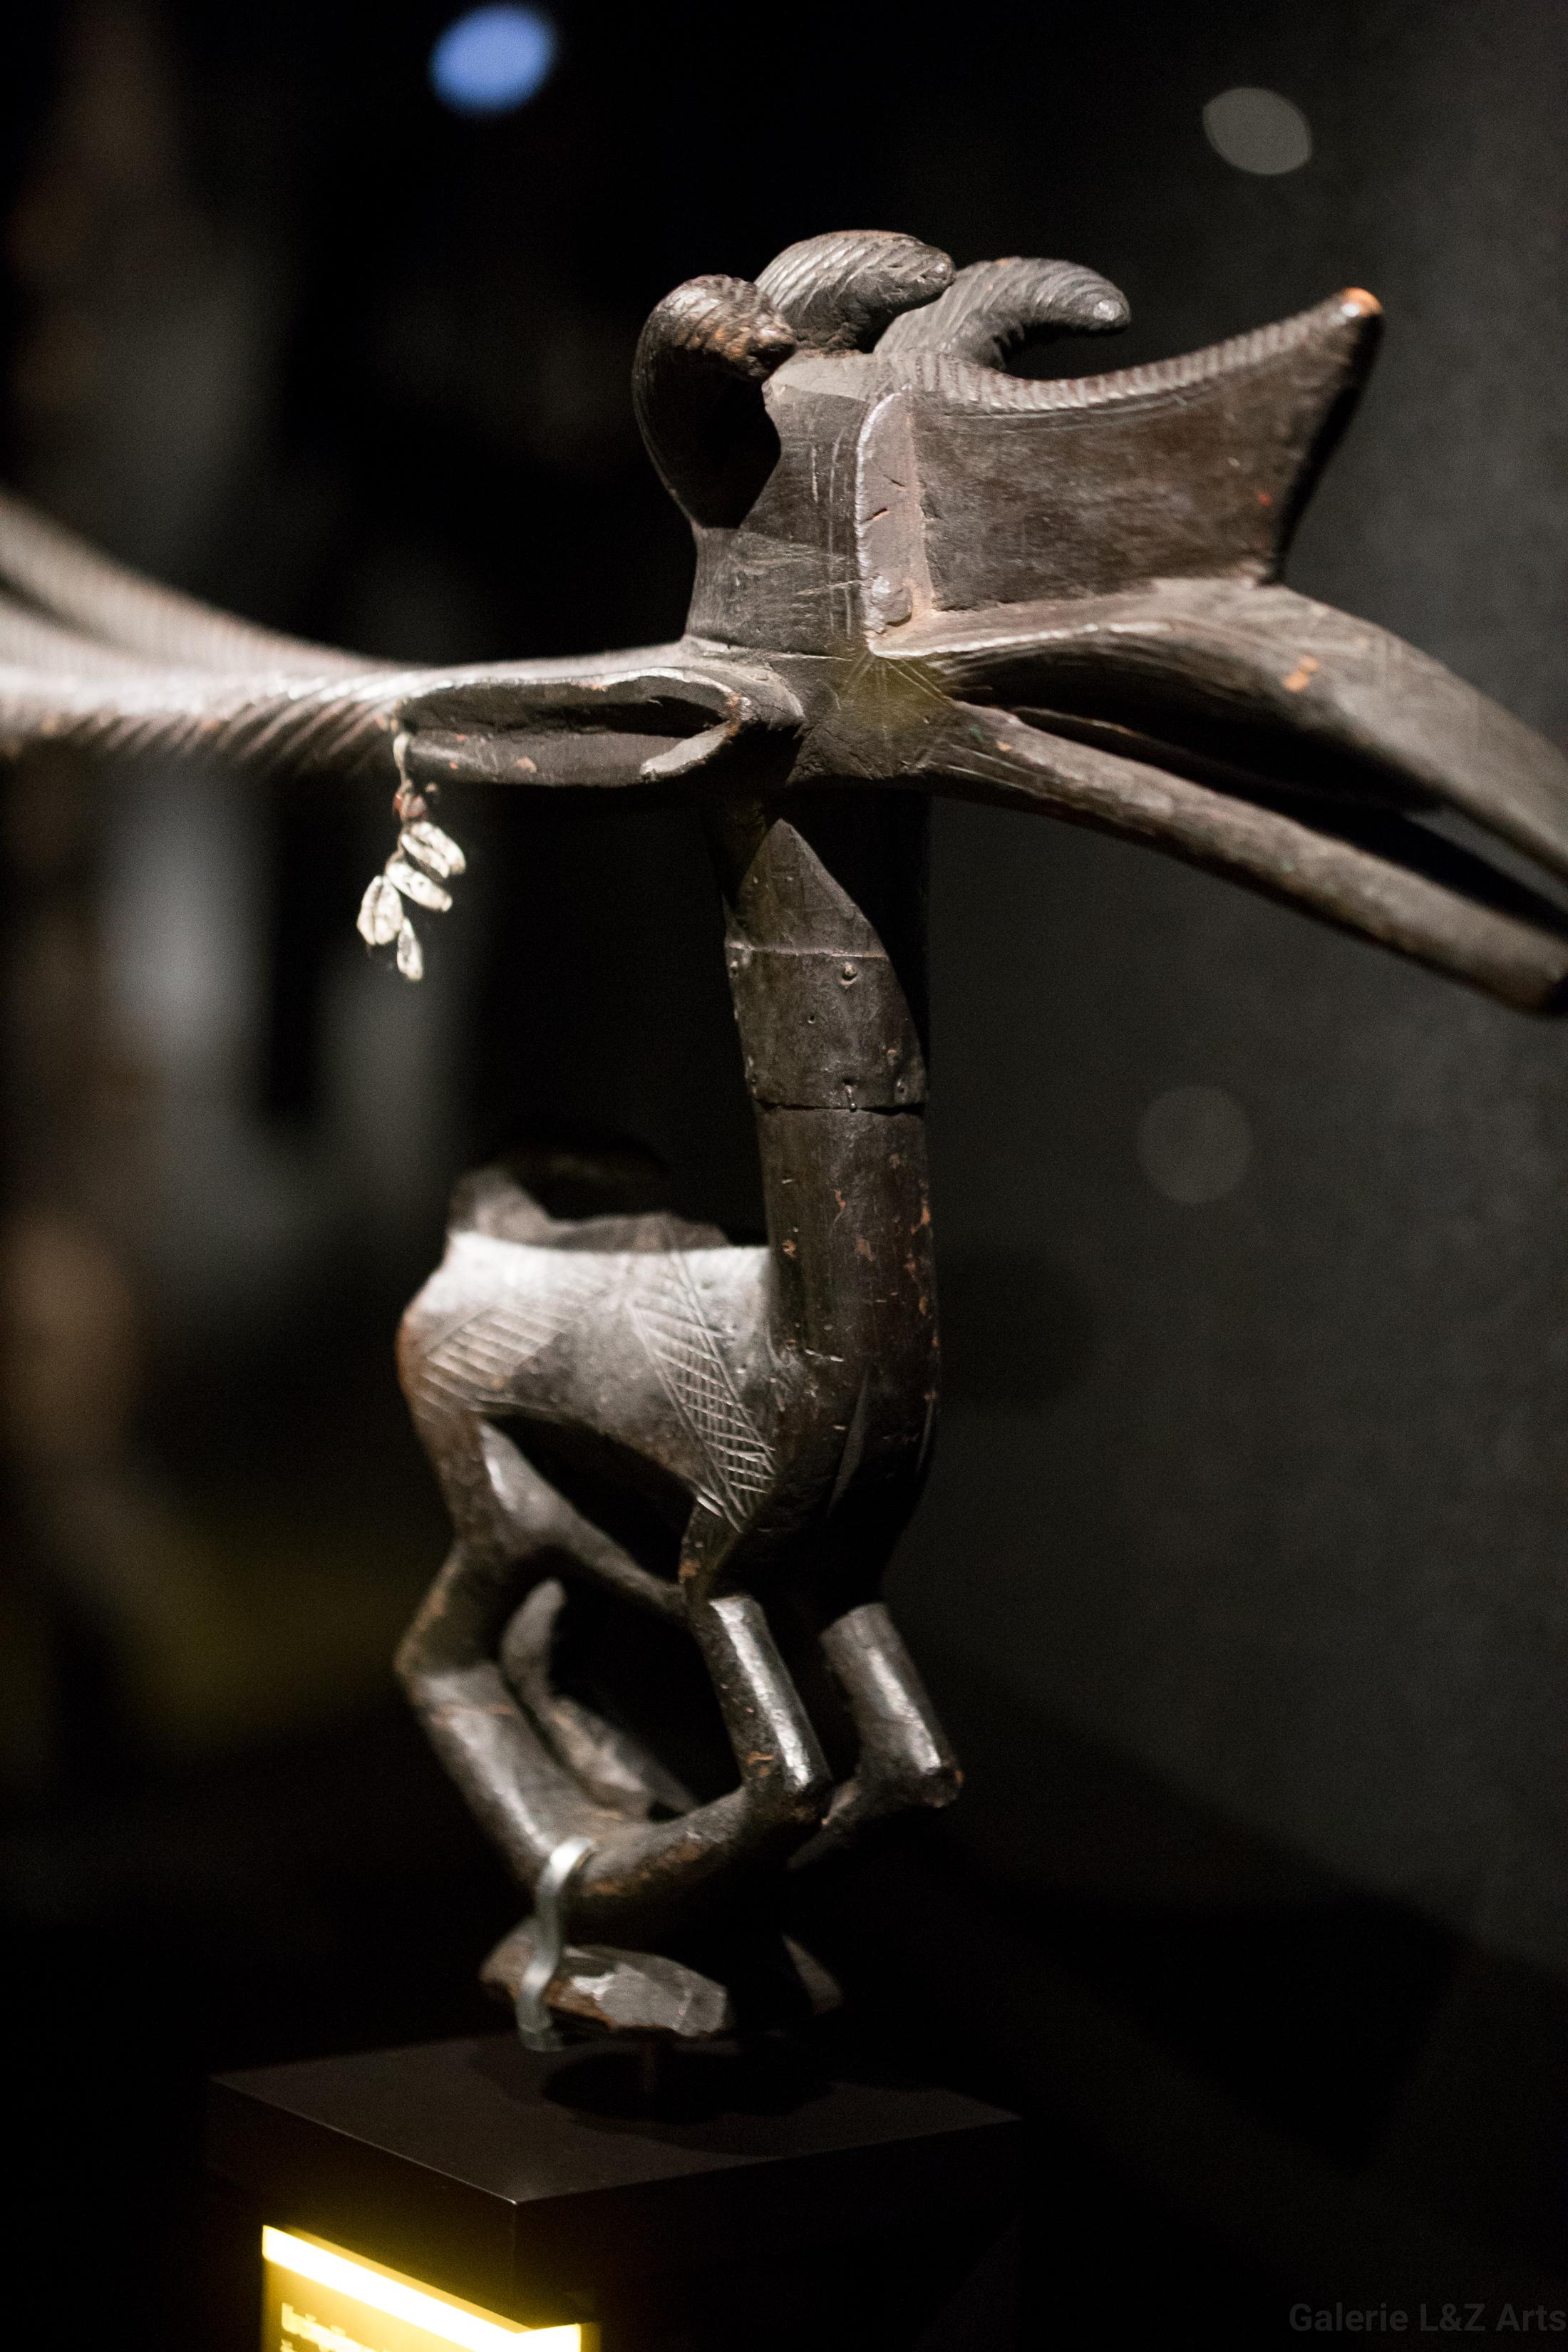 exposition-masque-art-tribal-africain-musee-quai-branly-belgique-galerie-lz-arts-liege-cite-miroir-oceanie-asie-japon-amerique-art-premier-nepal-5.jpg